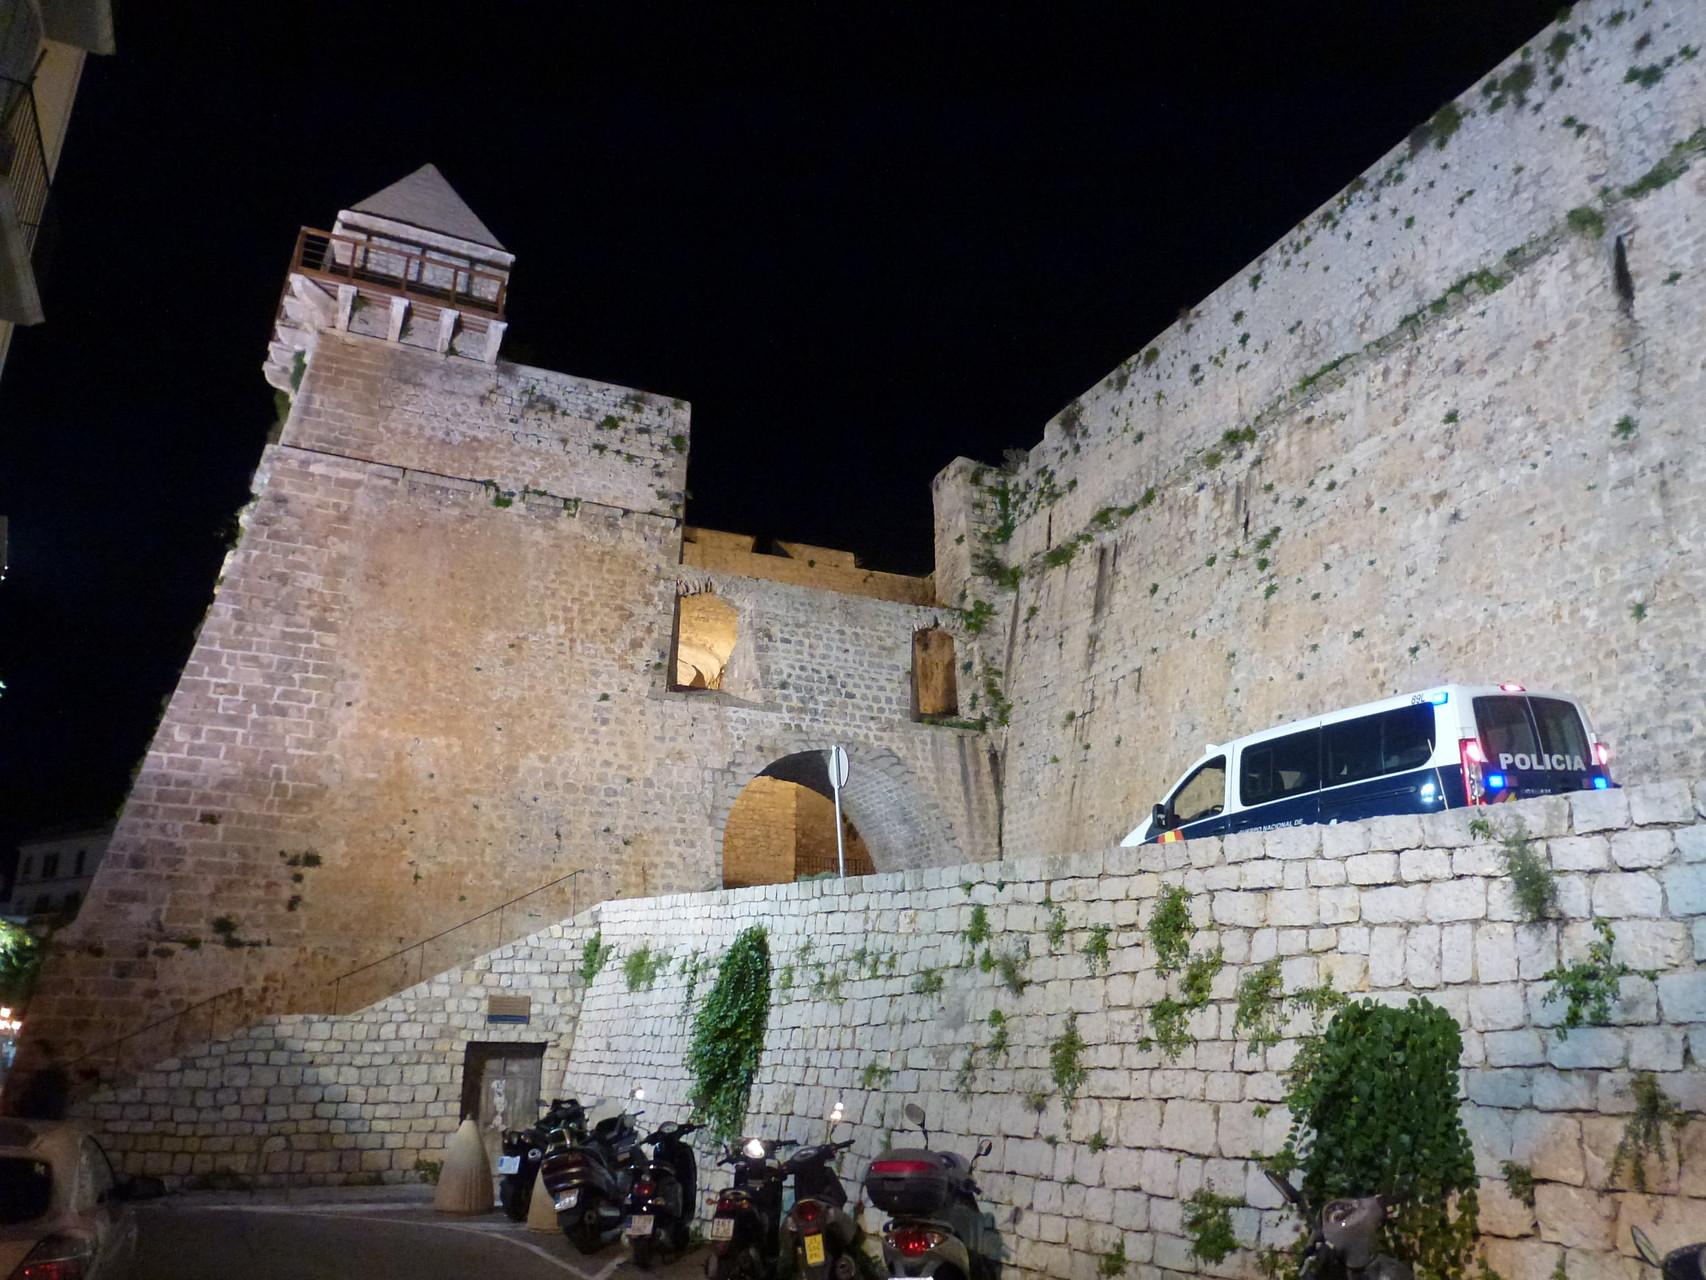 Schutzwall mit Bastion